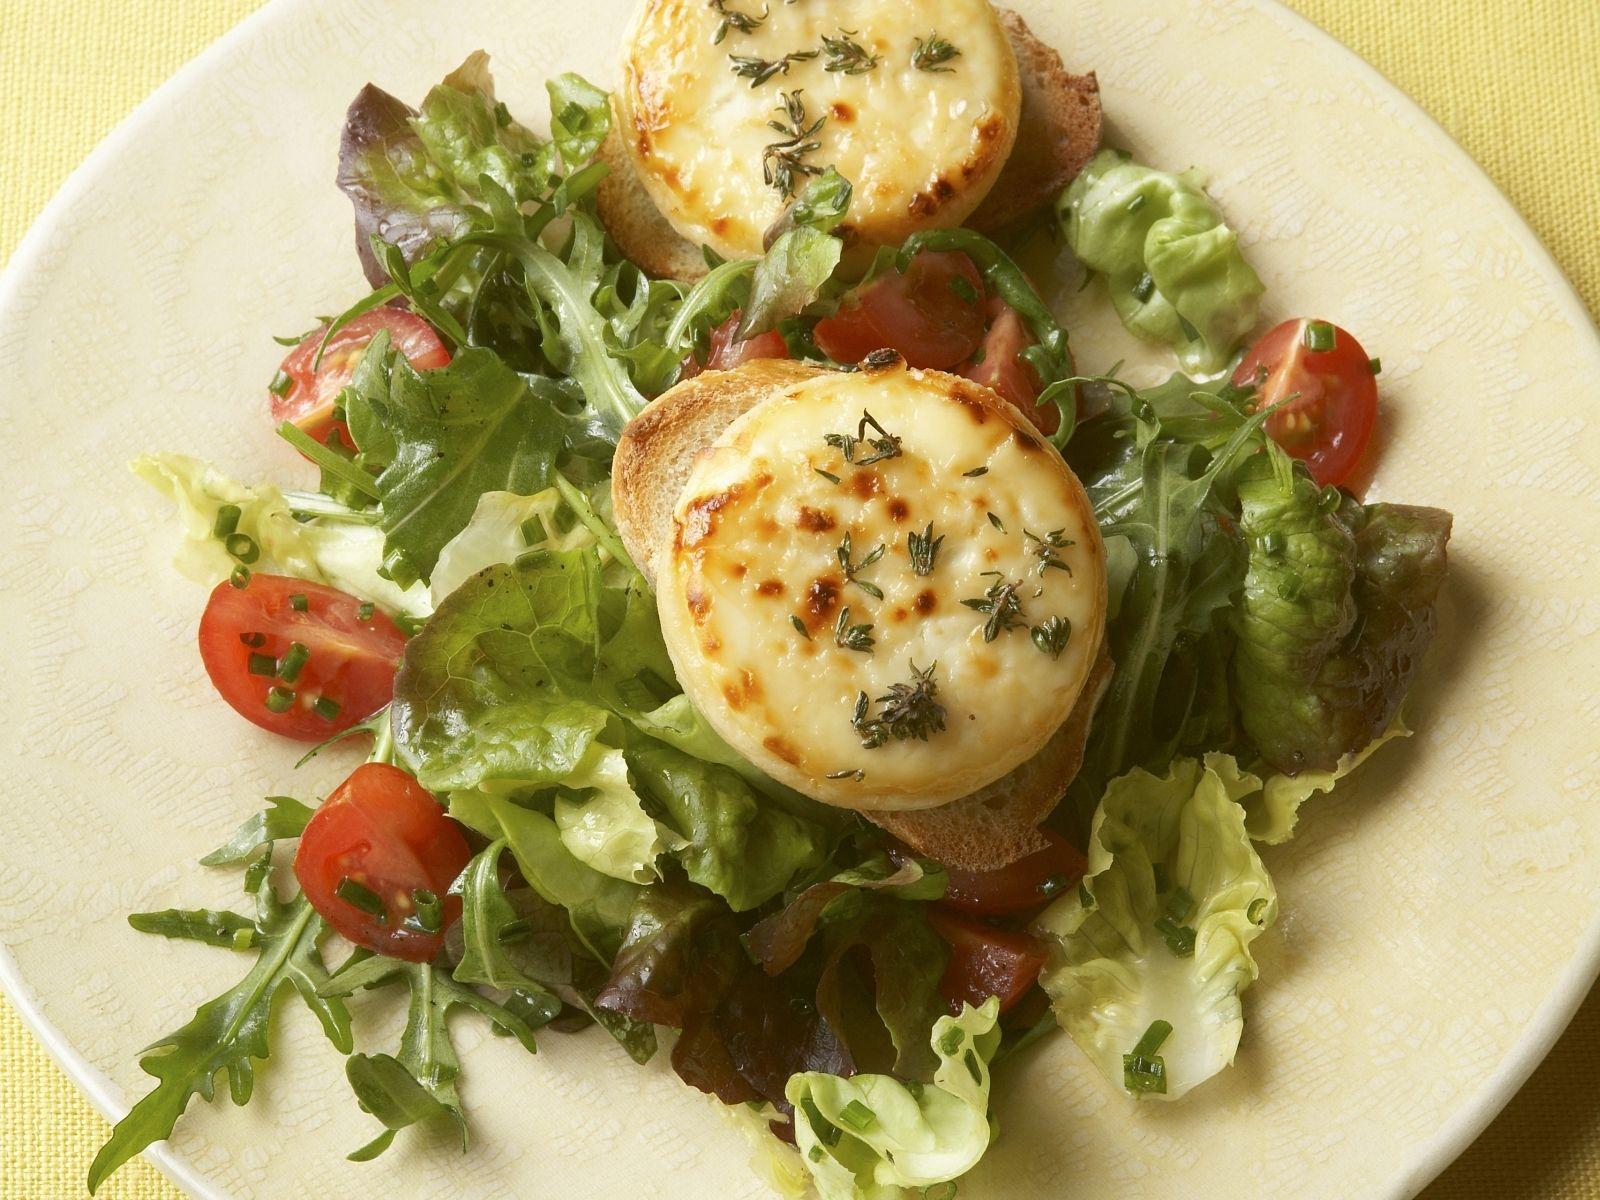 Überbackener Ziegenkäse mit Röstbrot und Salat Rezept | EAT SMARTER